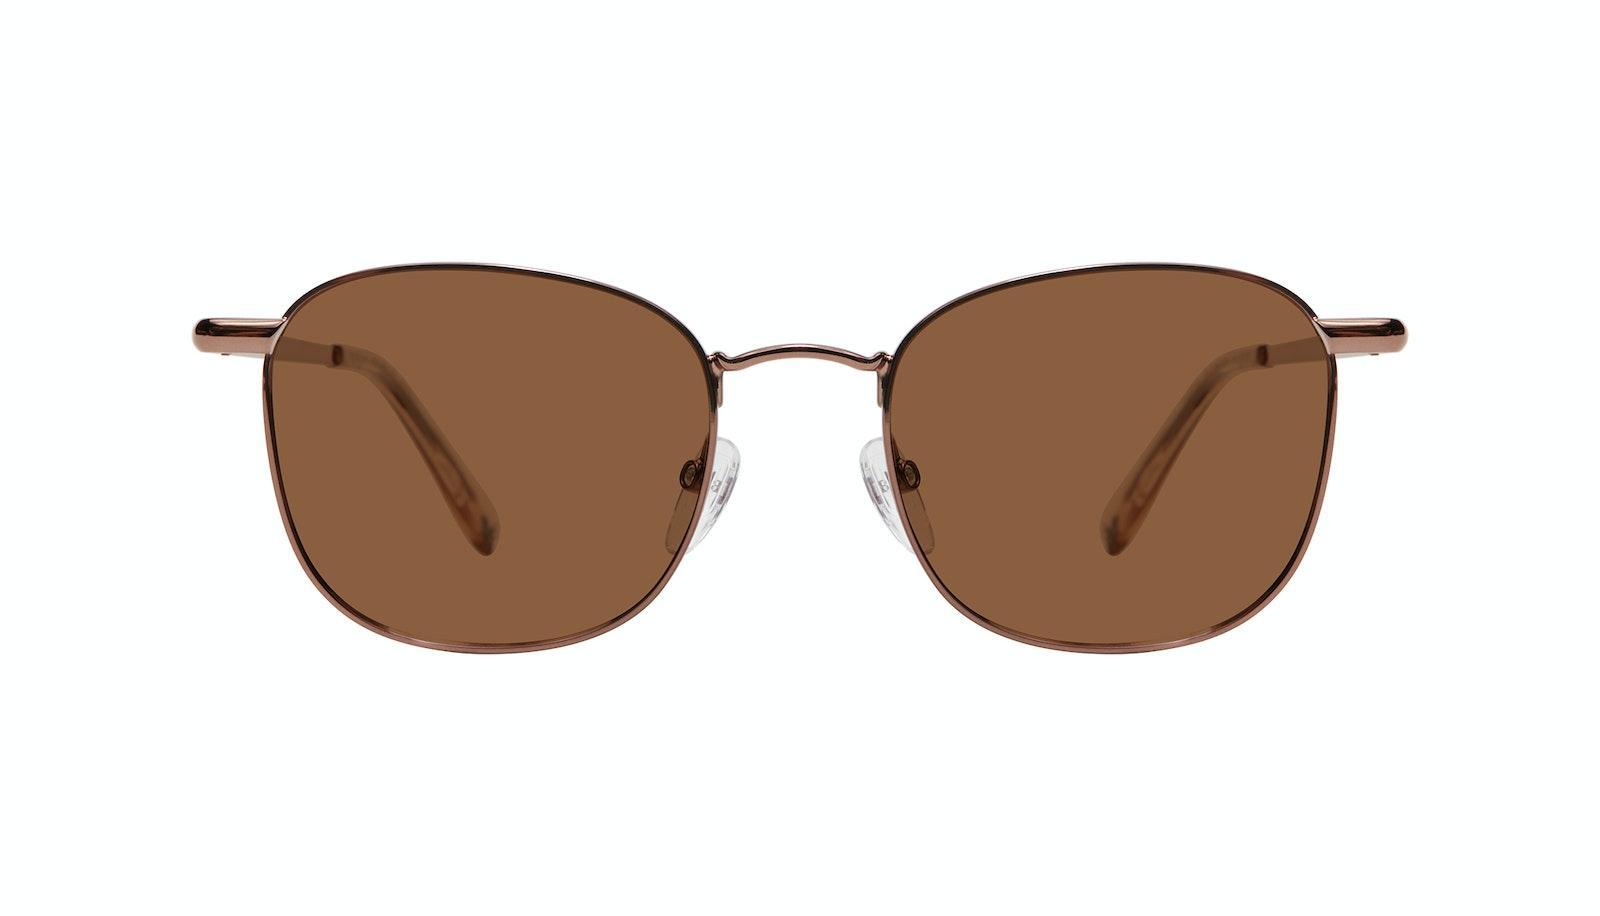 Lunettes tendance Carrée Lunettes de soleil Hommes Apex S Copper